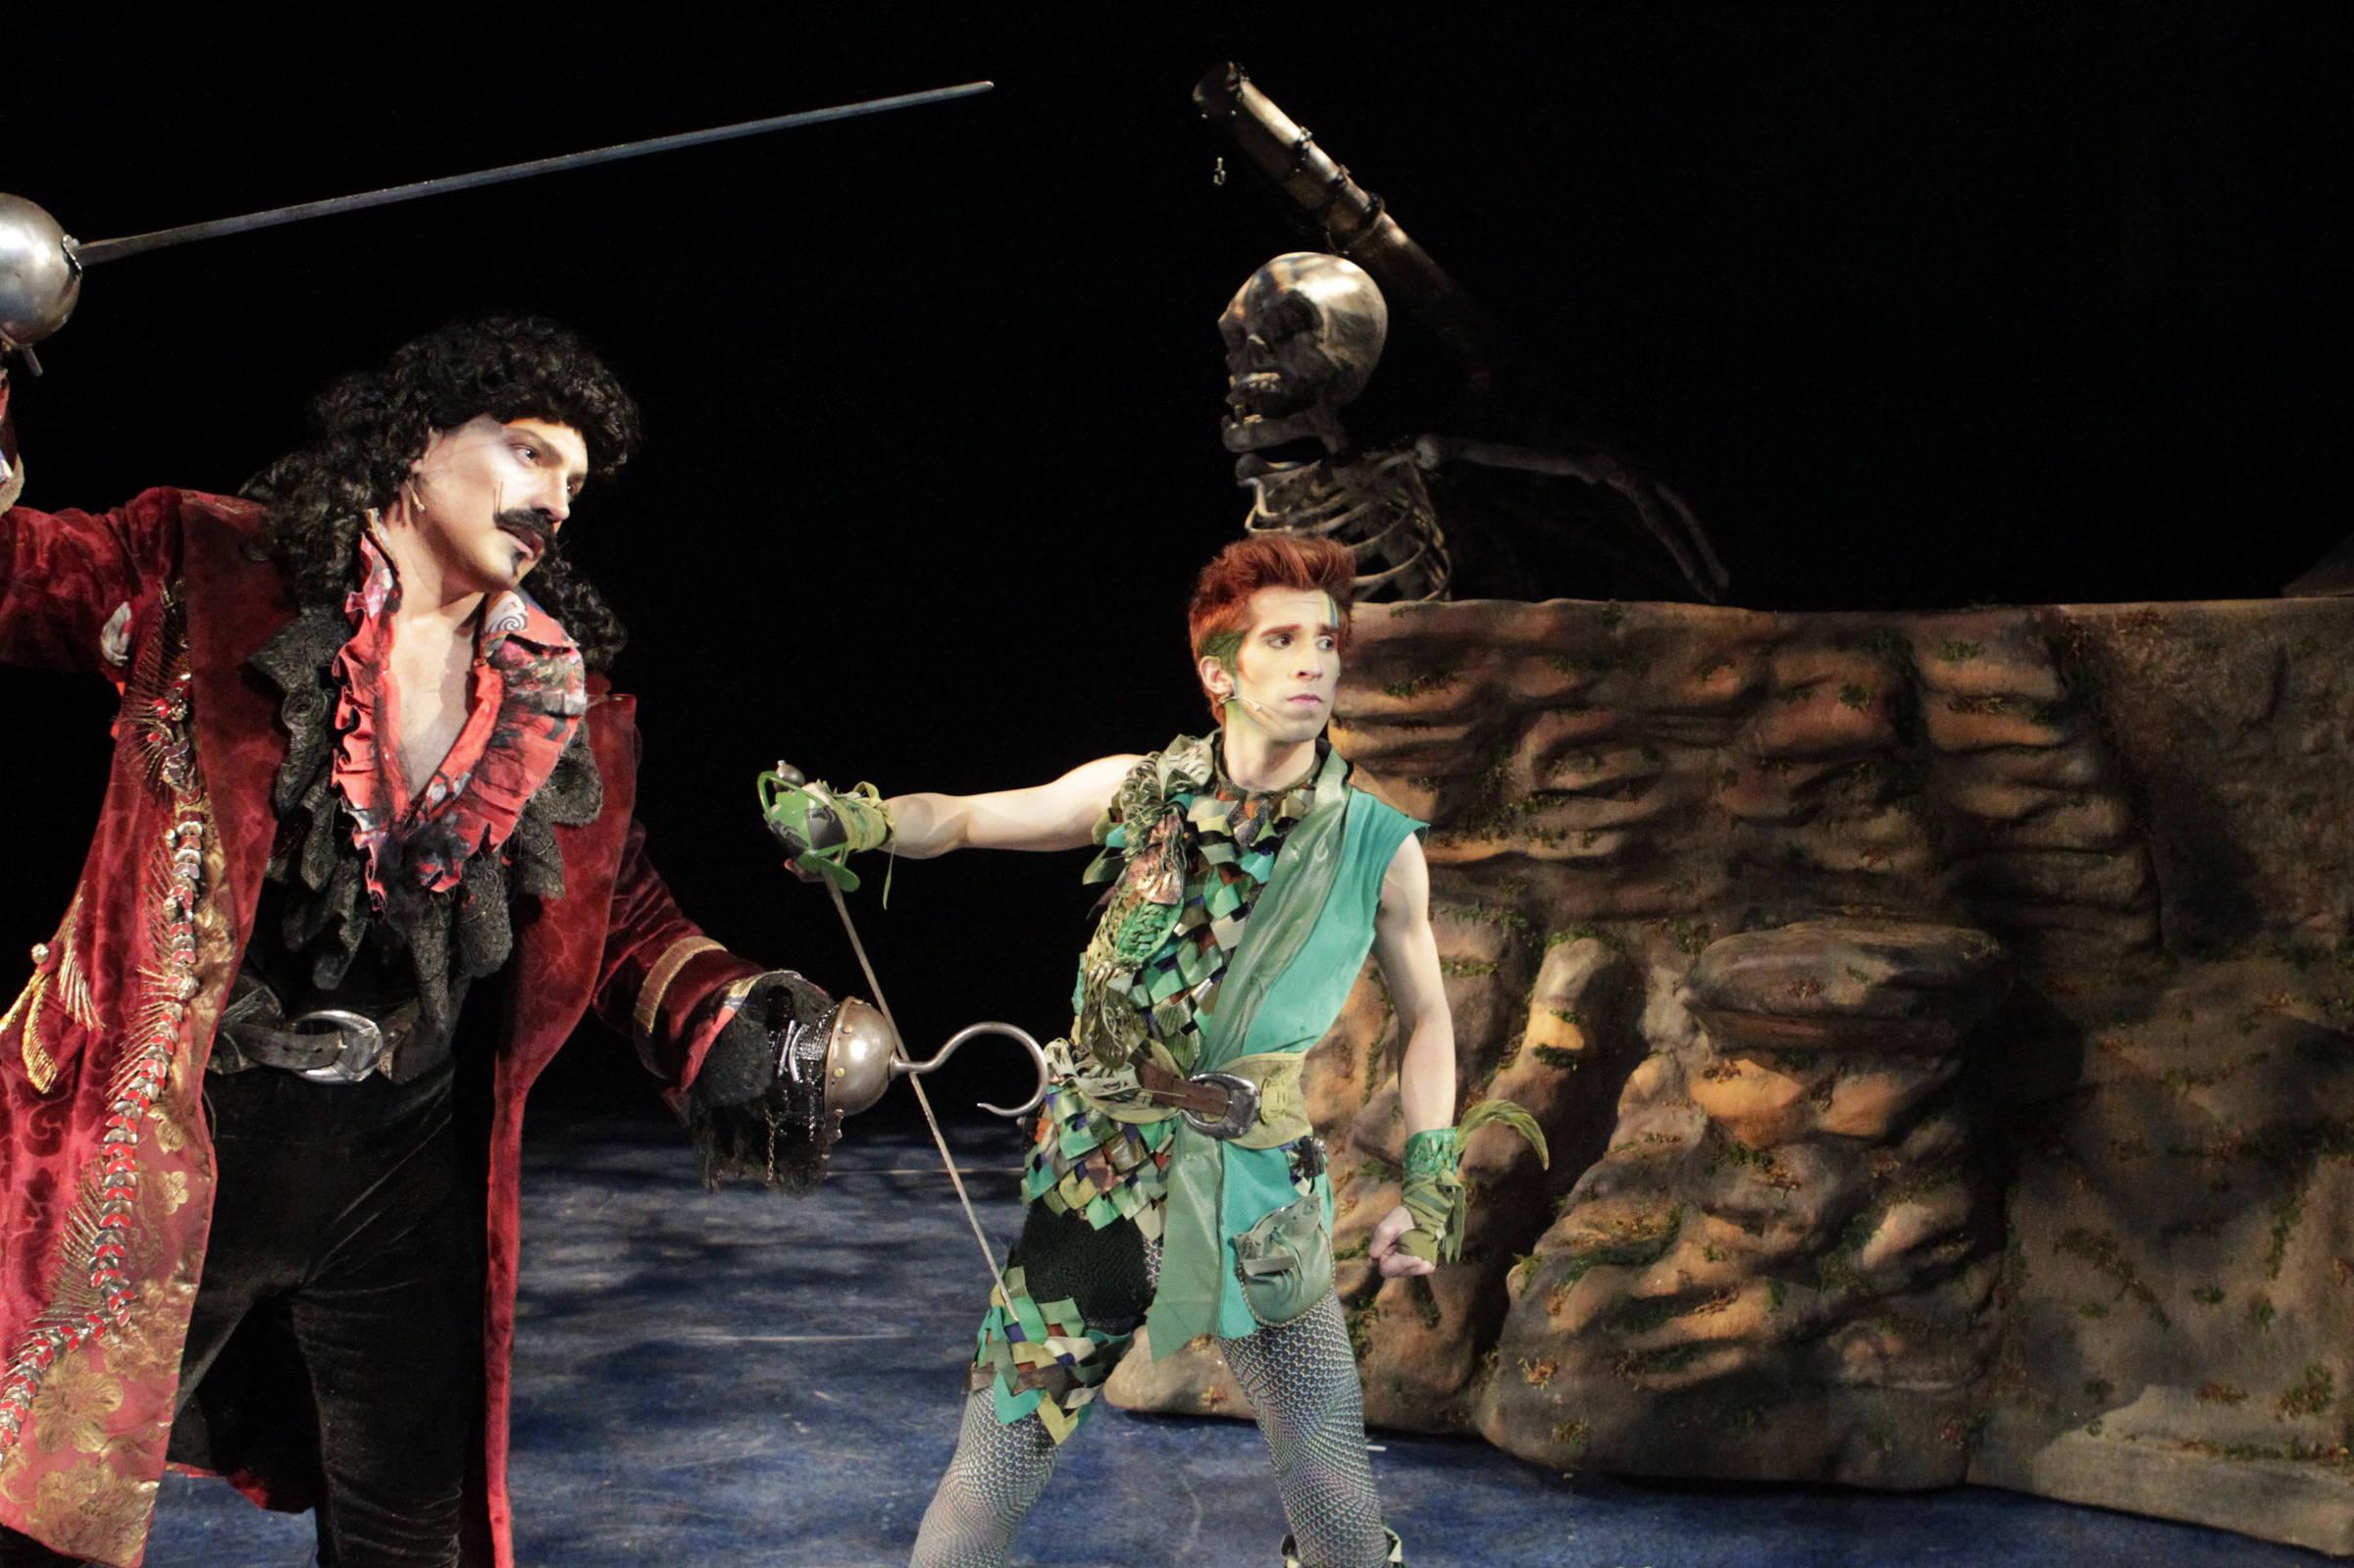 Quinta tem estreia de 'Peter Pan, o Musical' e show de As Bahias e a Cozinha Mineira